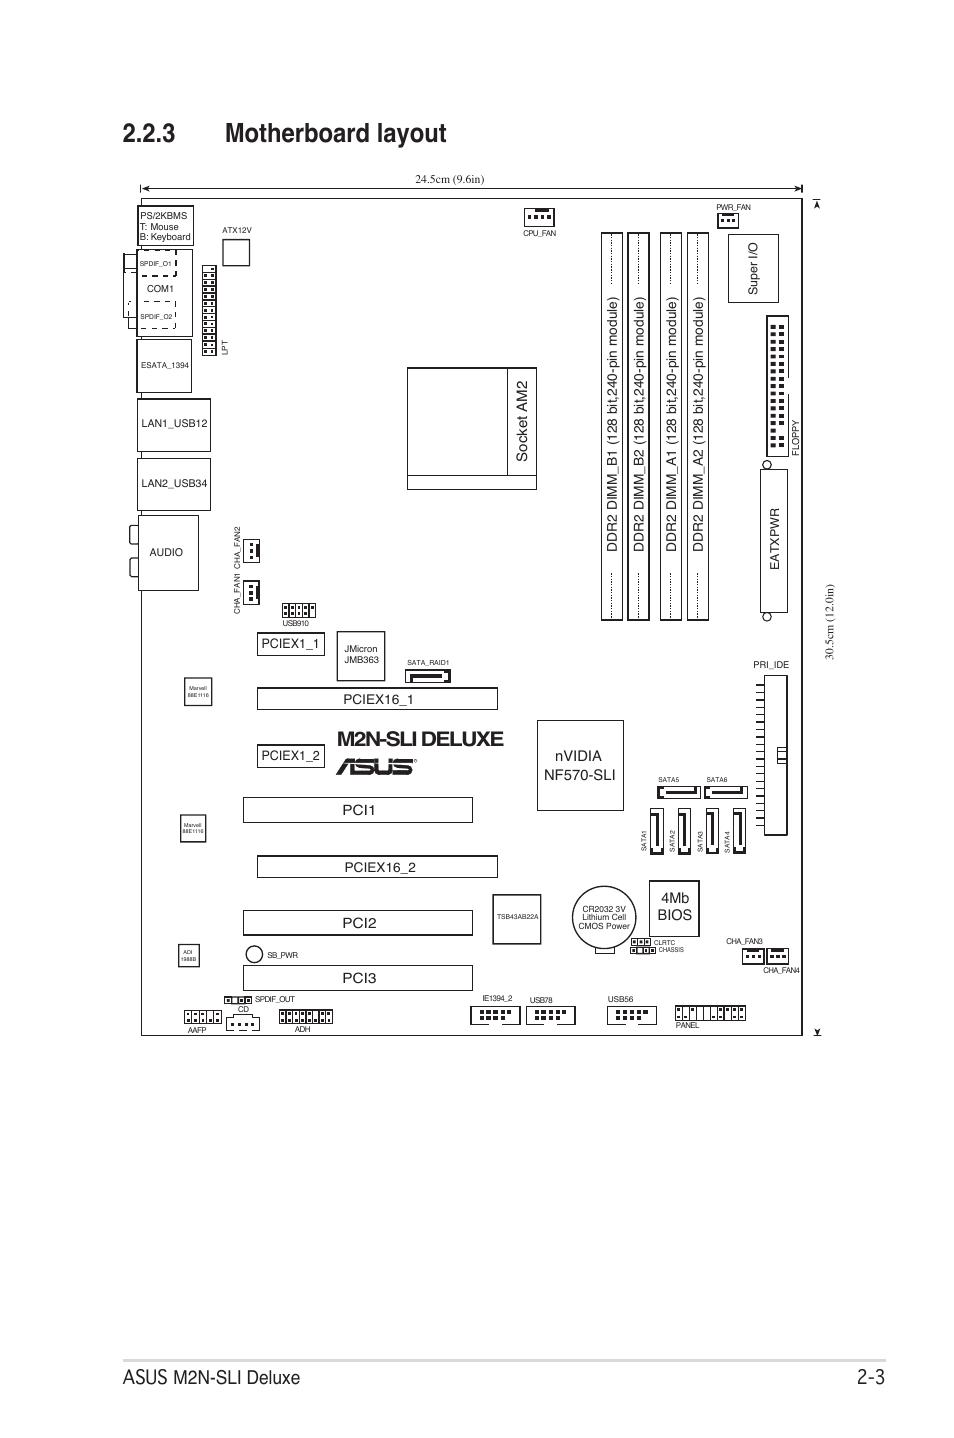 3 motherboard layout, M2n-sli deluxe, Asus m2n-sli deluxe